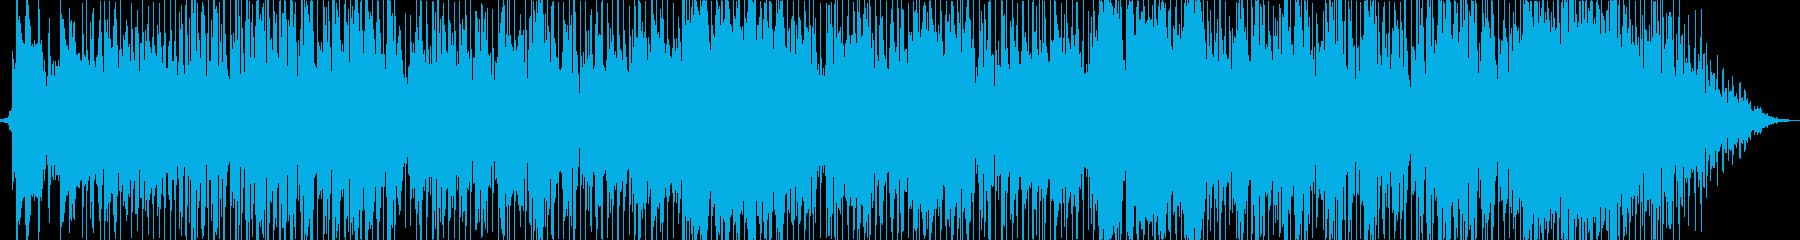 有名なジングルベルですが、ファンク...の再生済みの波形